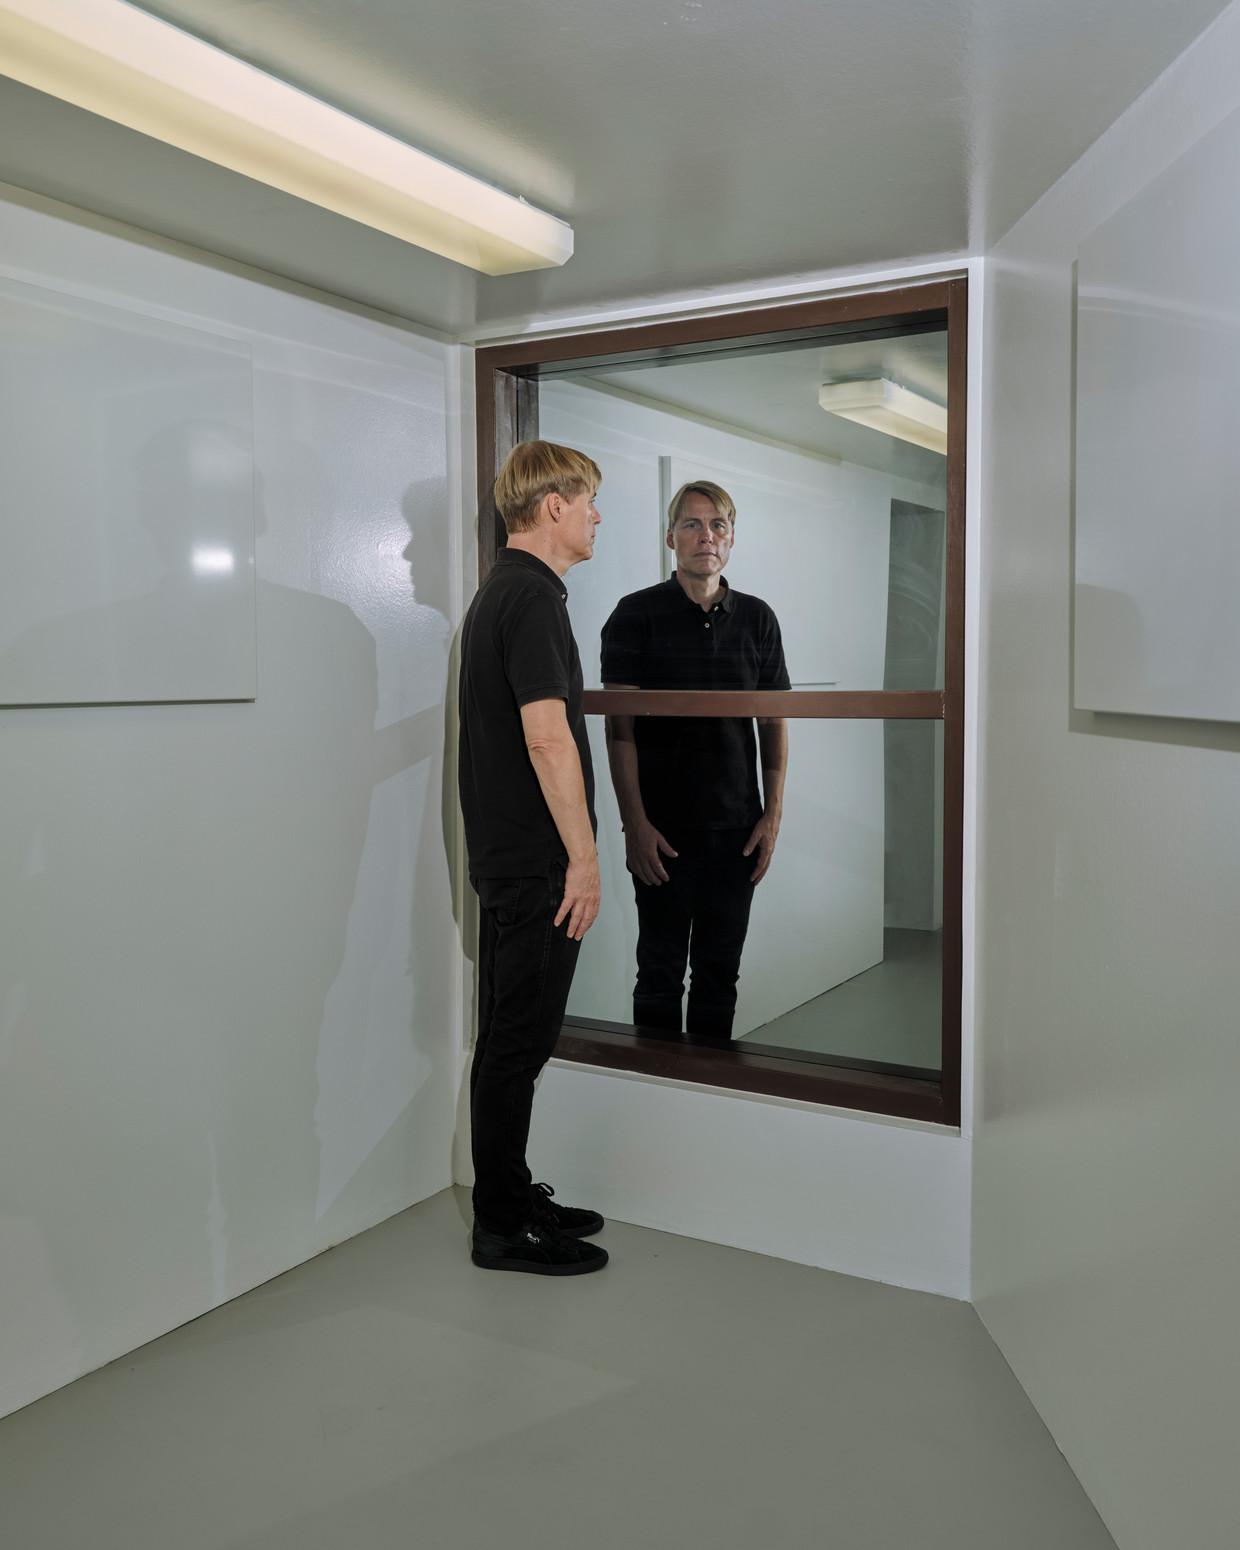 Gregor Schneider in Interrogation Room (2006) in presentatie-instelling West, Den Haag. Beeld Erik Smits